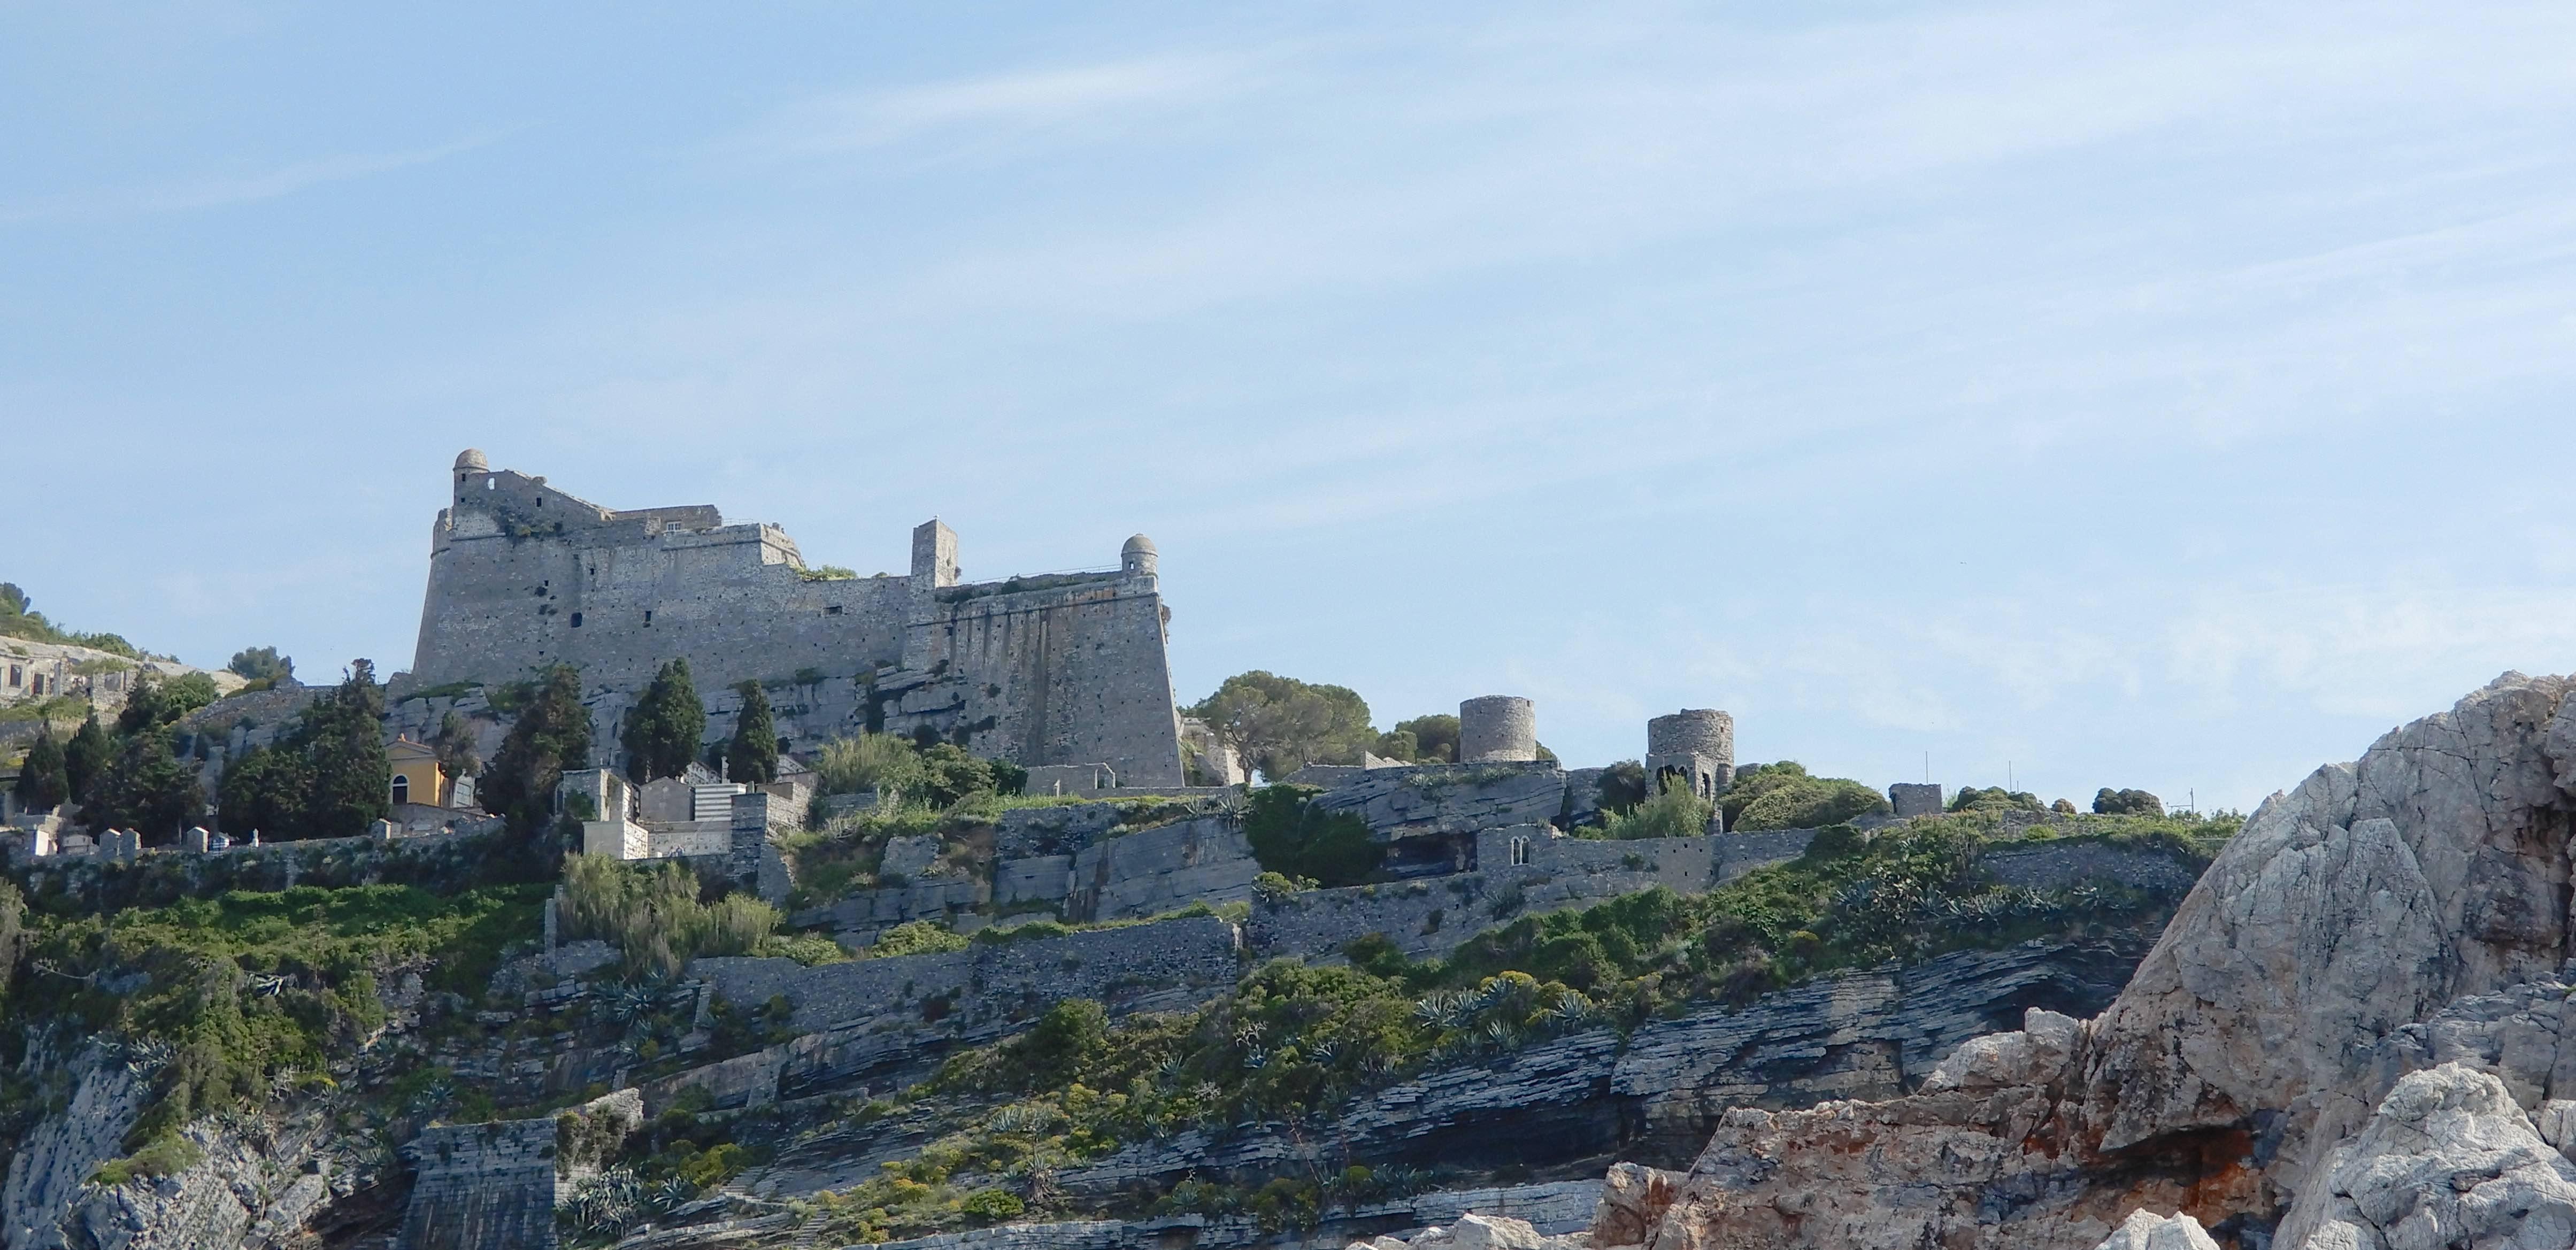 42.Doria Castle